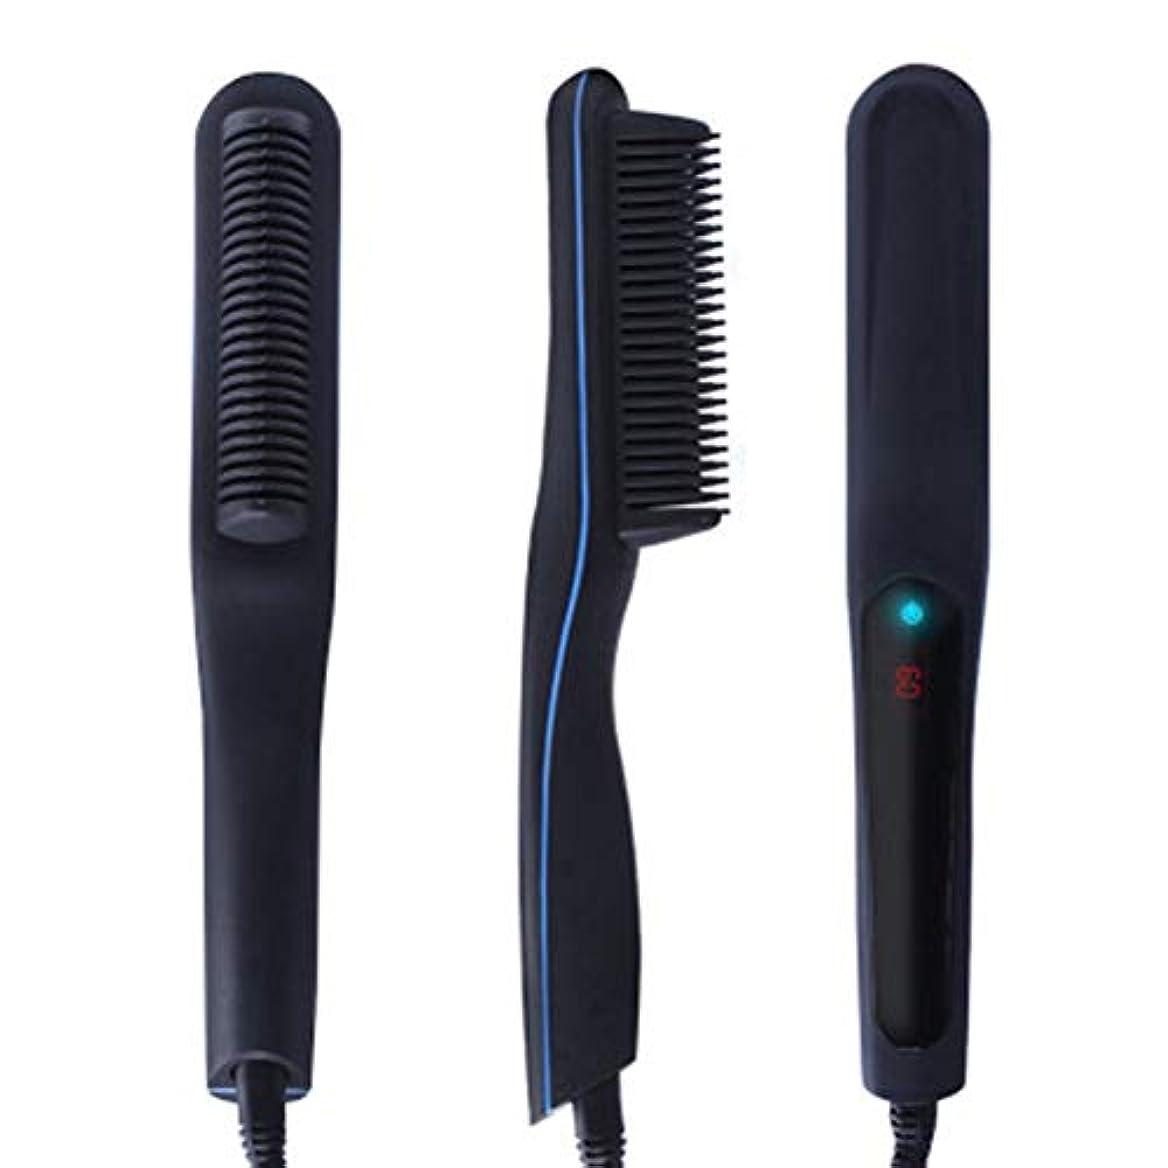 独立した強打反射ロールストレート髪のくし、多機能レディーススタイルストレートヘアコームボタンバージョンメンズ髭くしLEDディスプレイ、小型で便利